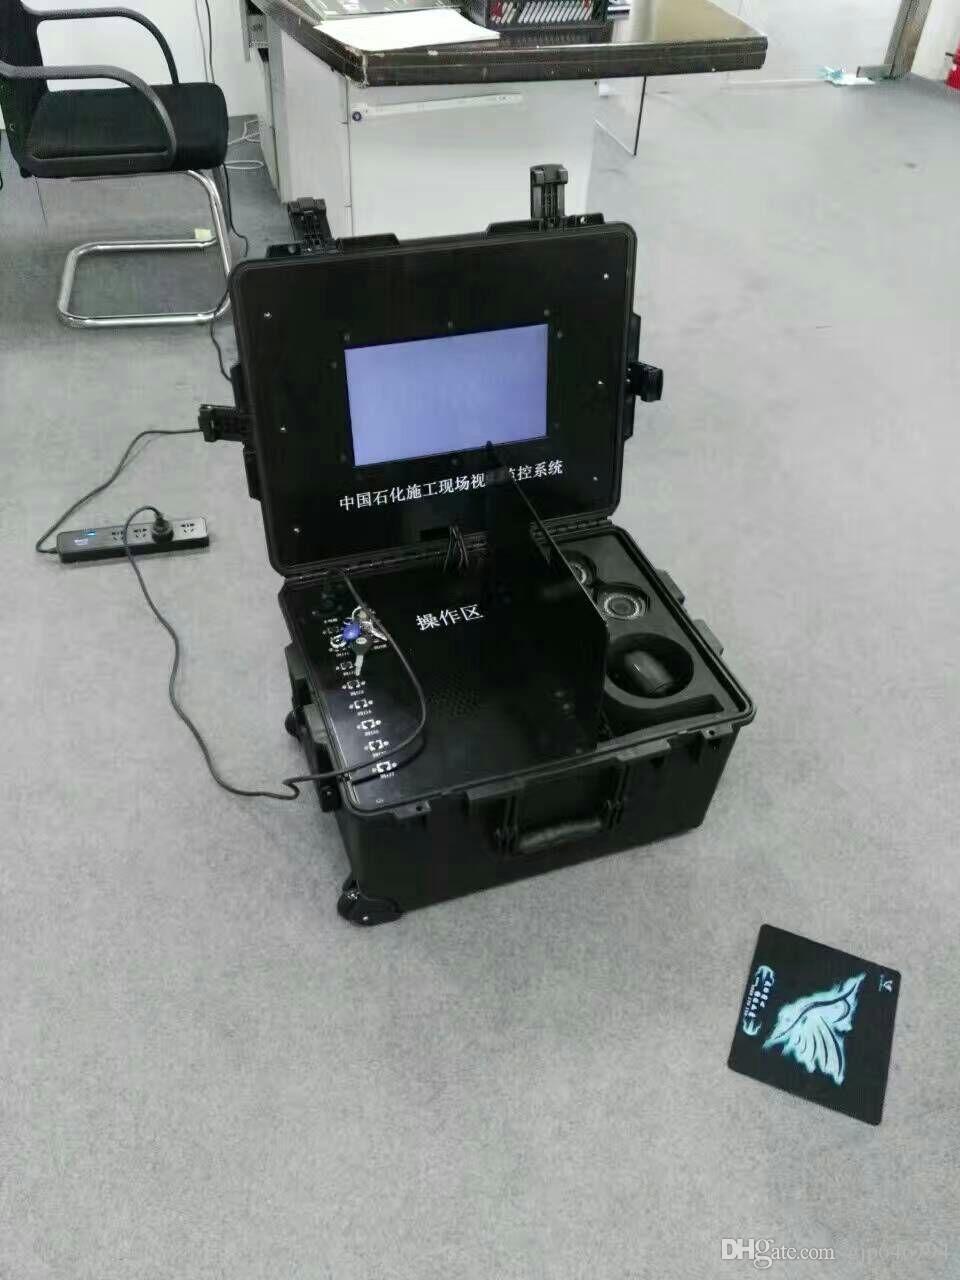 caixa do instrumento 2608 dimensão externa 570 * 418 * 228mm caixa de equipamentos de segurança à prova d 'água à prova de poeira-caixa com forro de espuma pré-corte